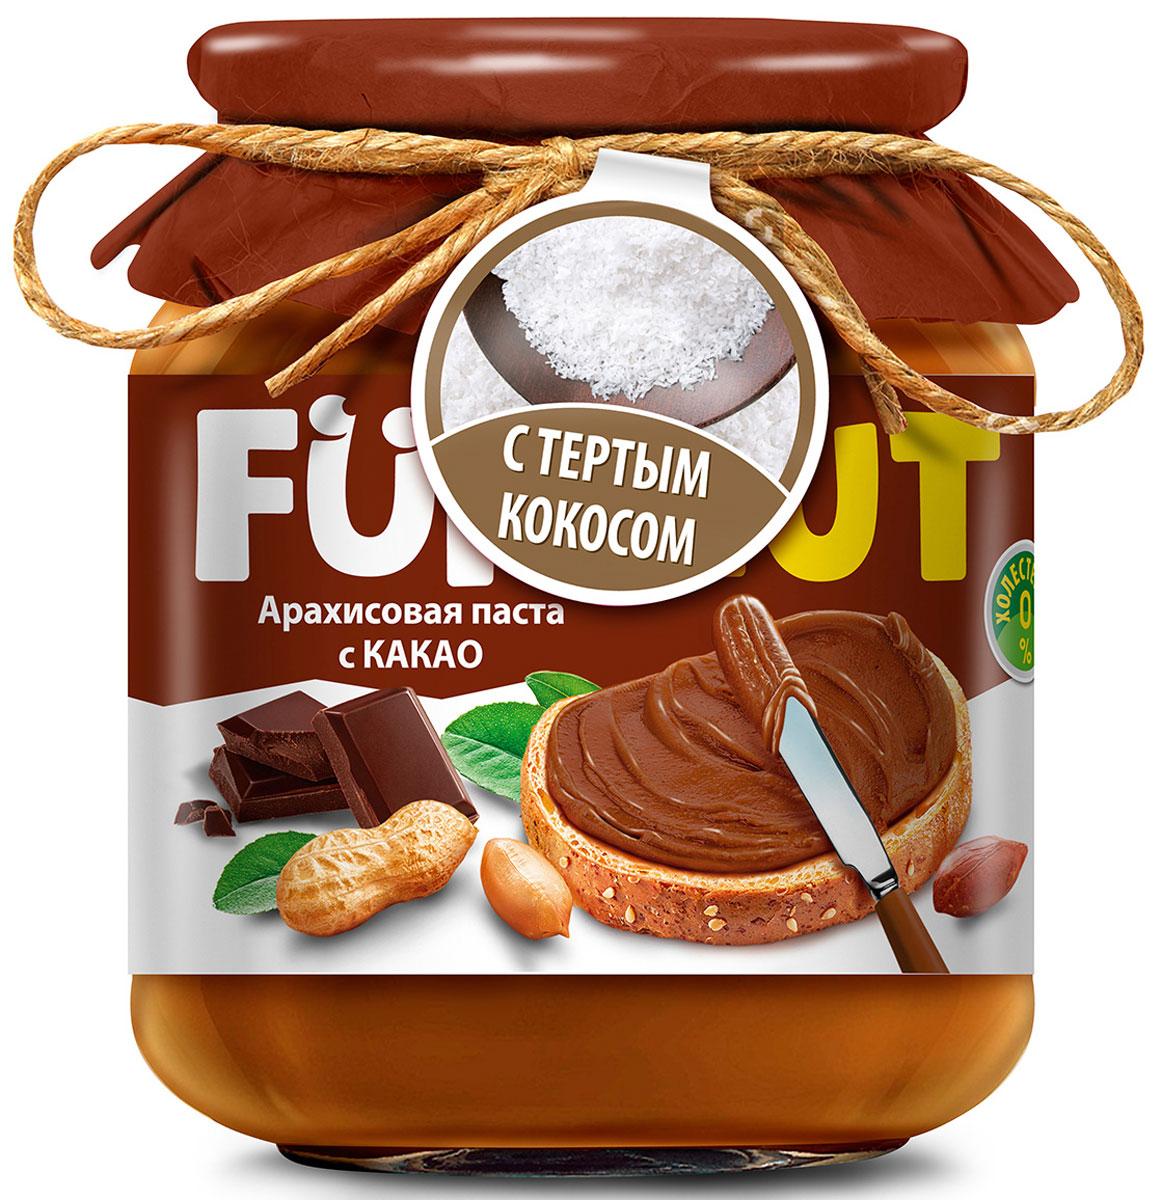 Funnat Арахисовая паста с какао с добавлением кокоса, 340 г